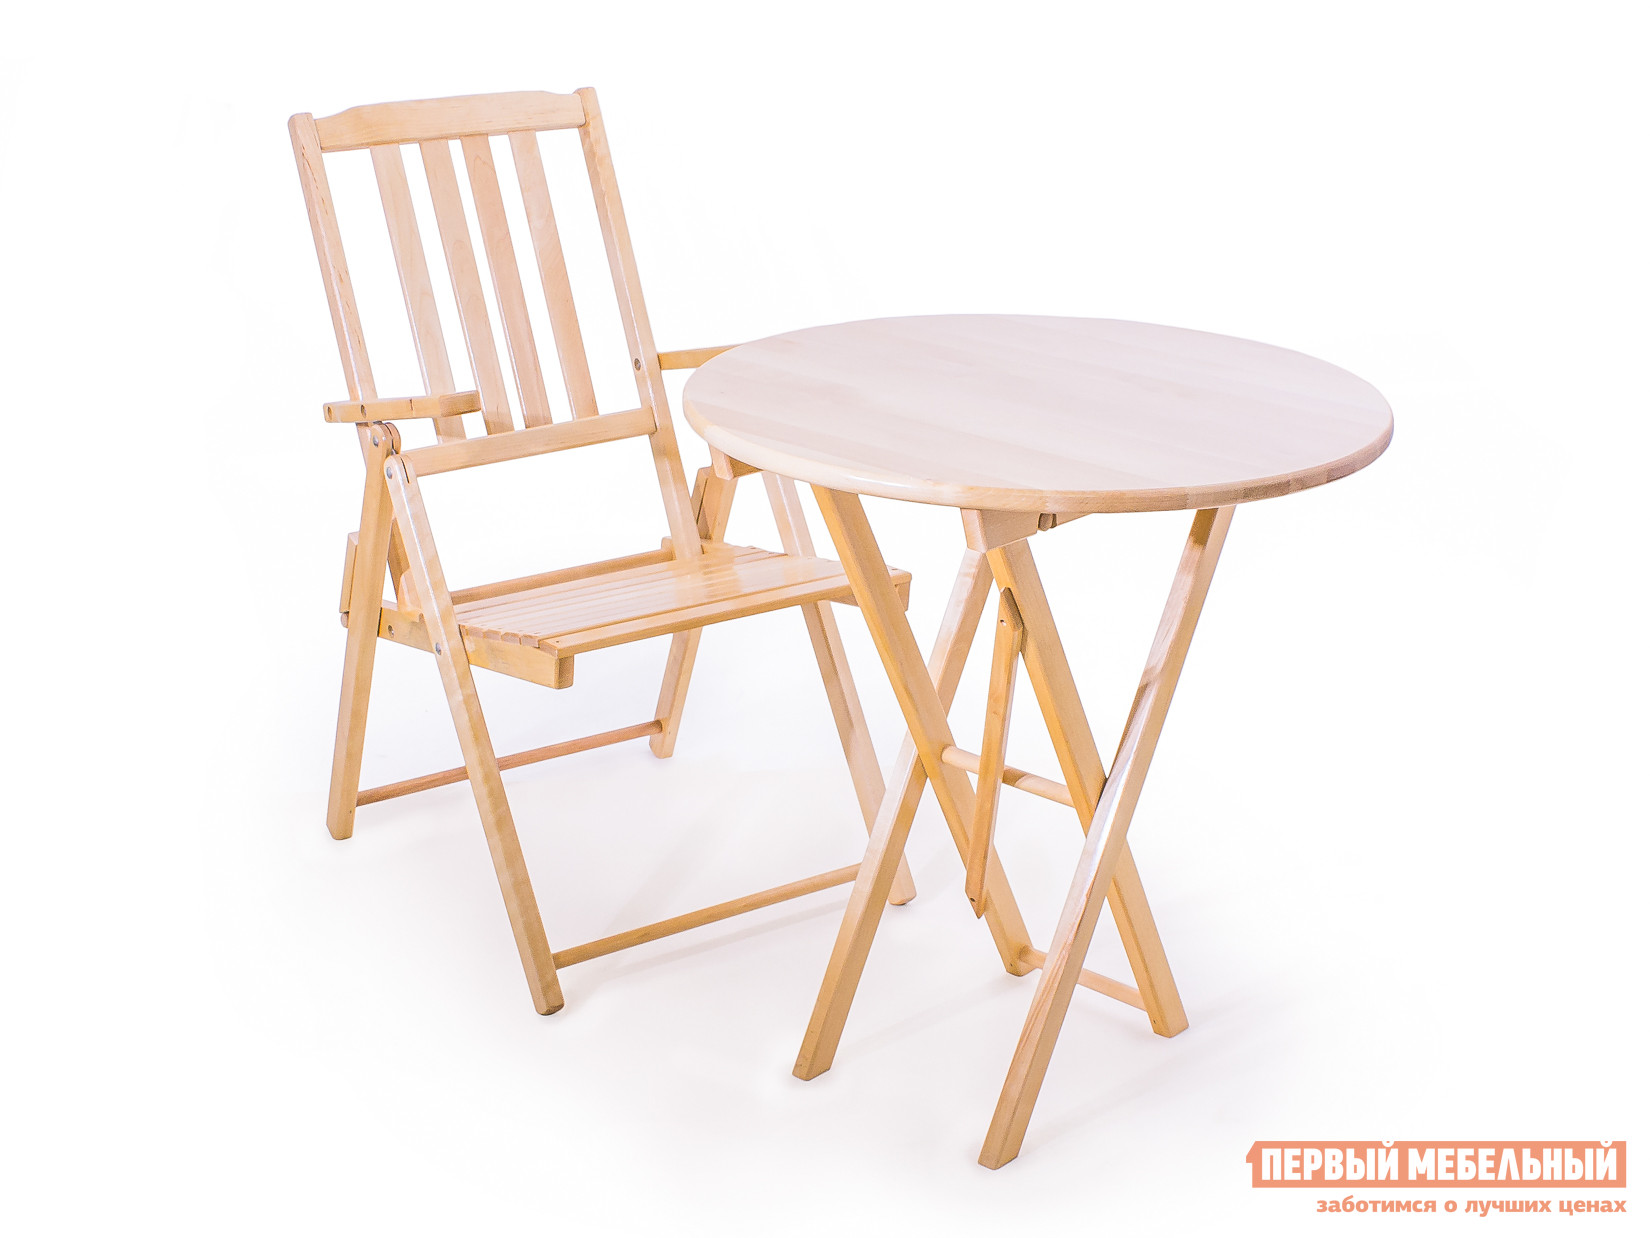 Комплект садовой мебели СМКА Комфорт СМ047Б+СМ012Б Береза от Купистол